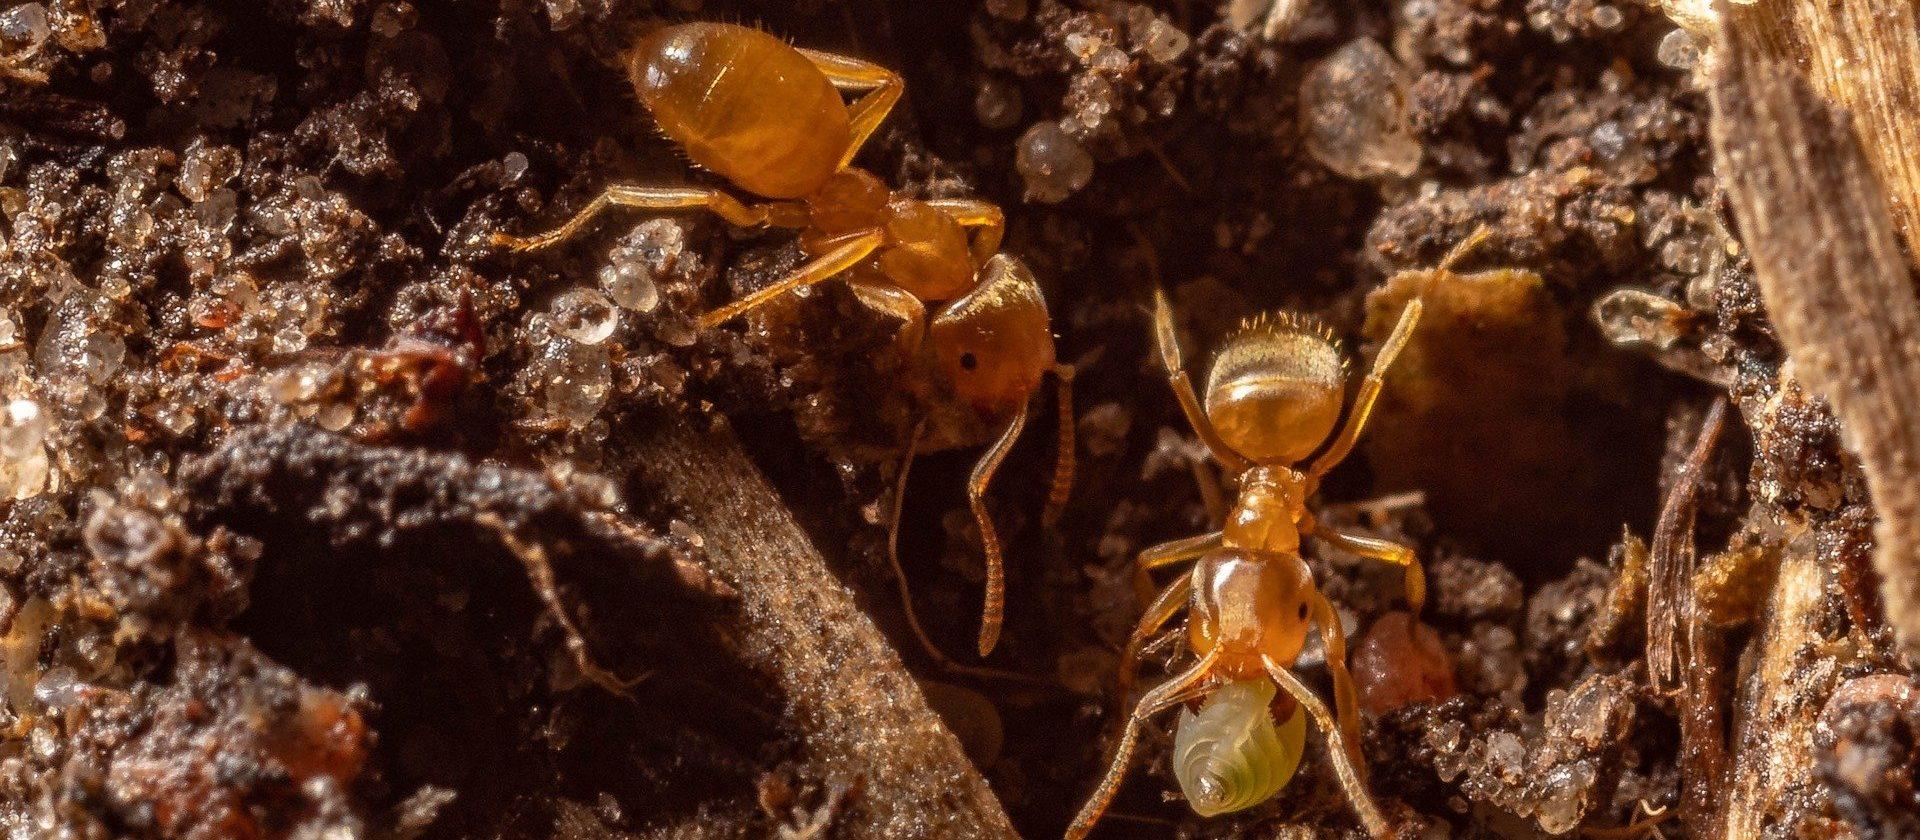 Ameisen Formicarium